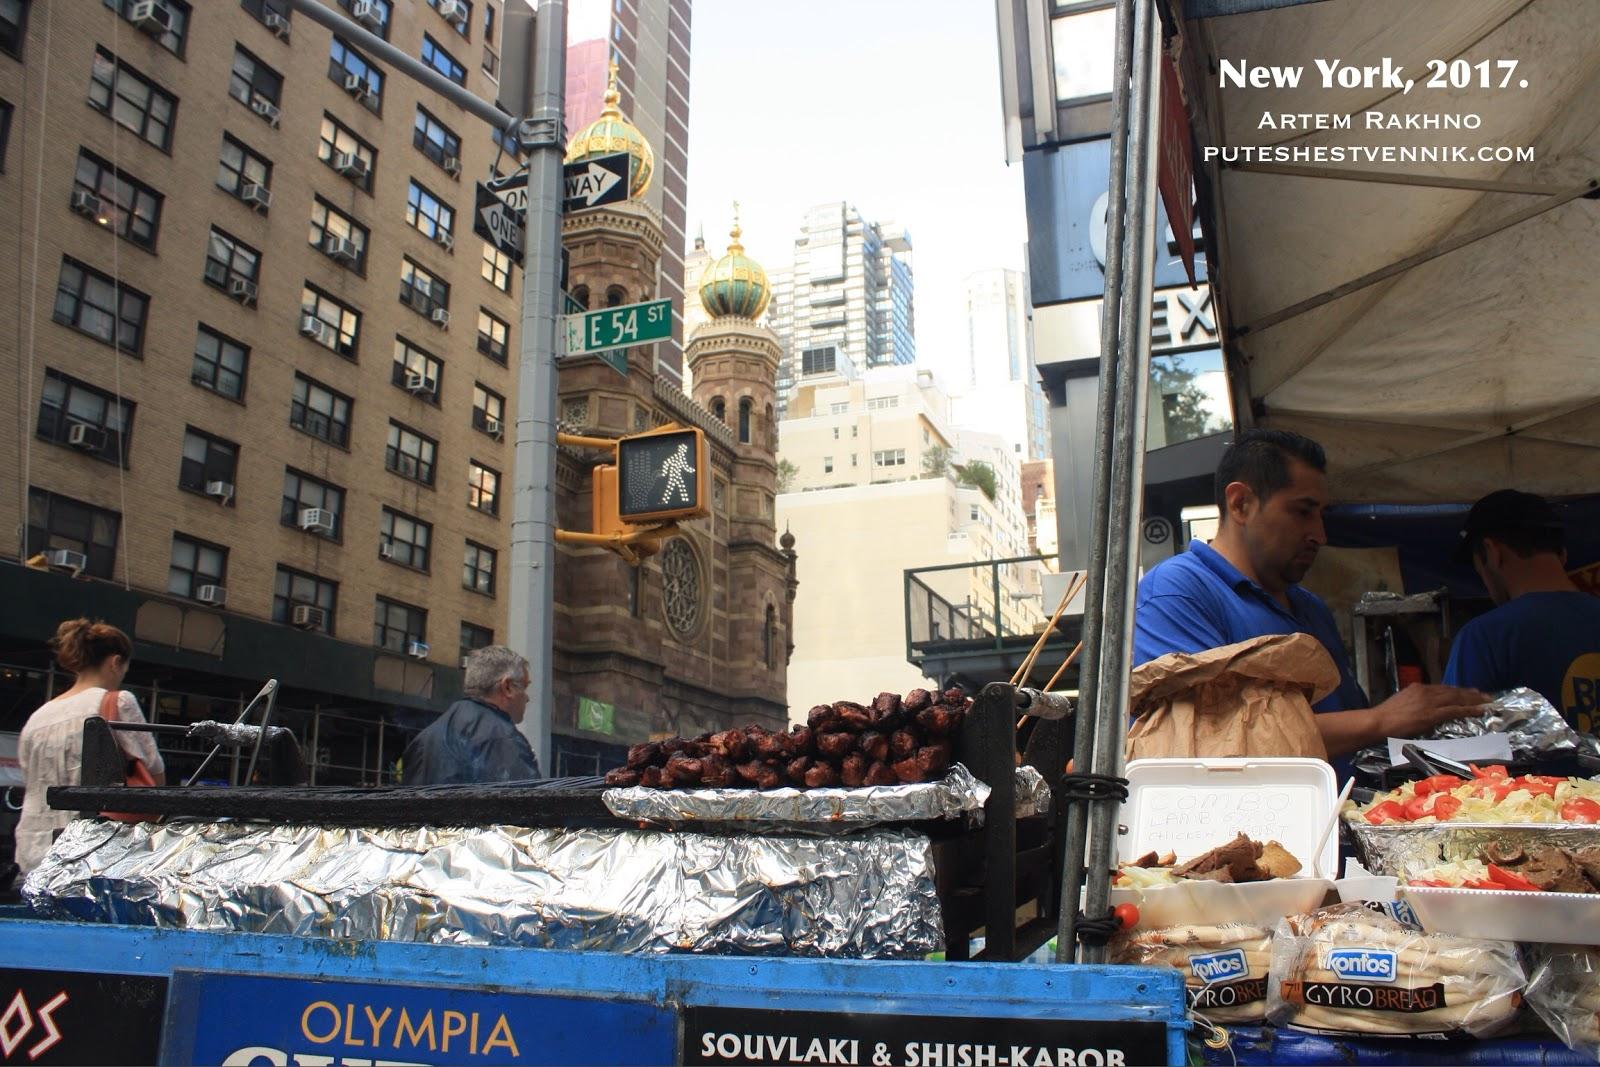 Приготовление еды на улице в Нью-Йорке